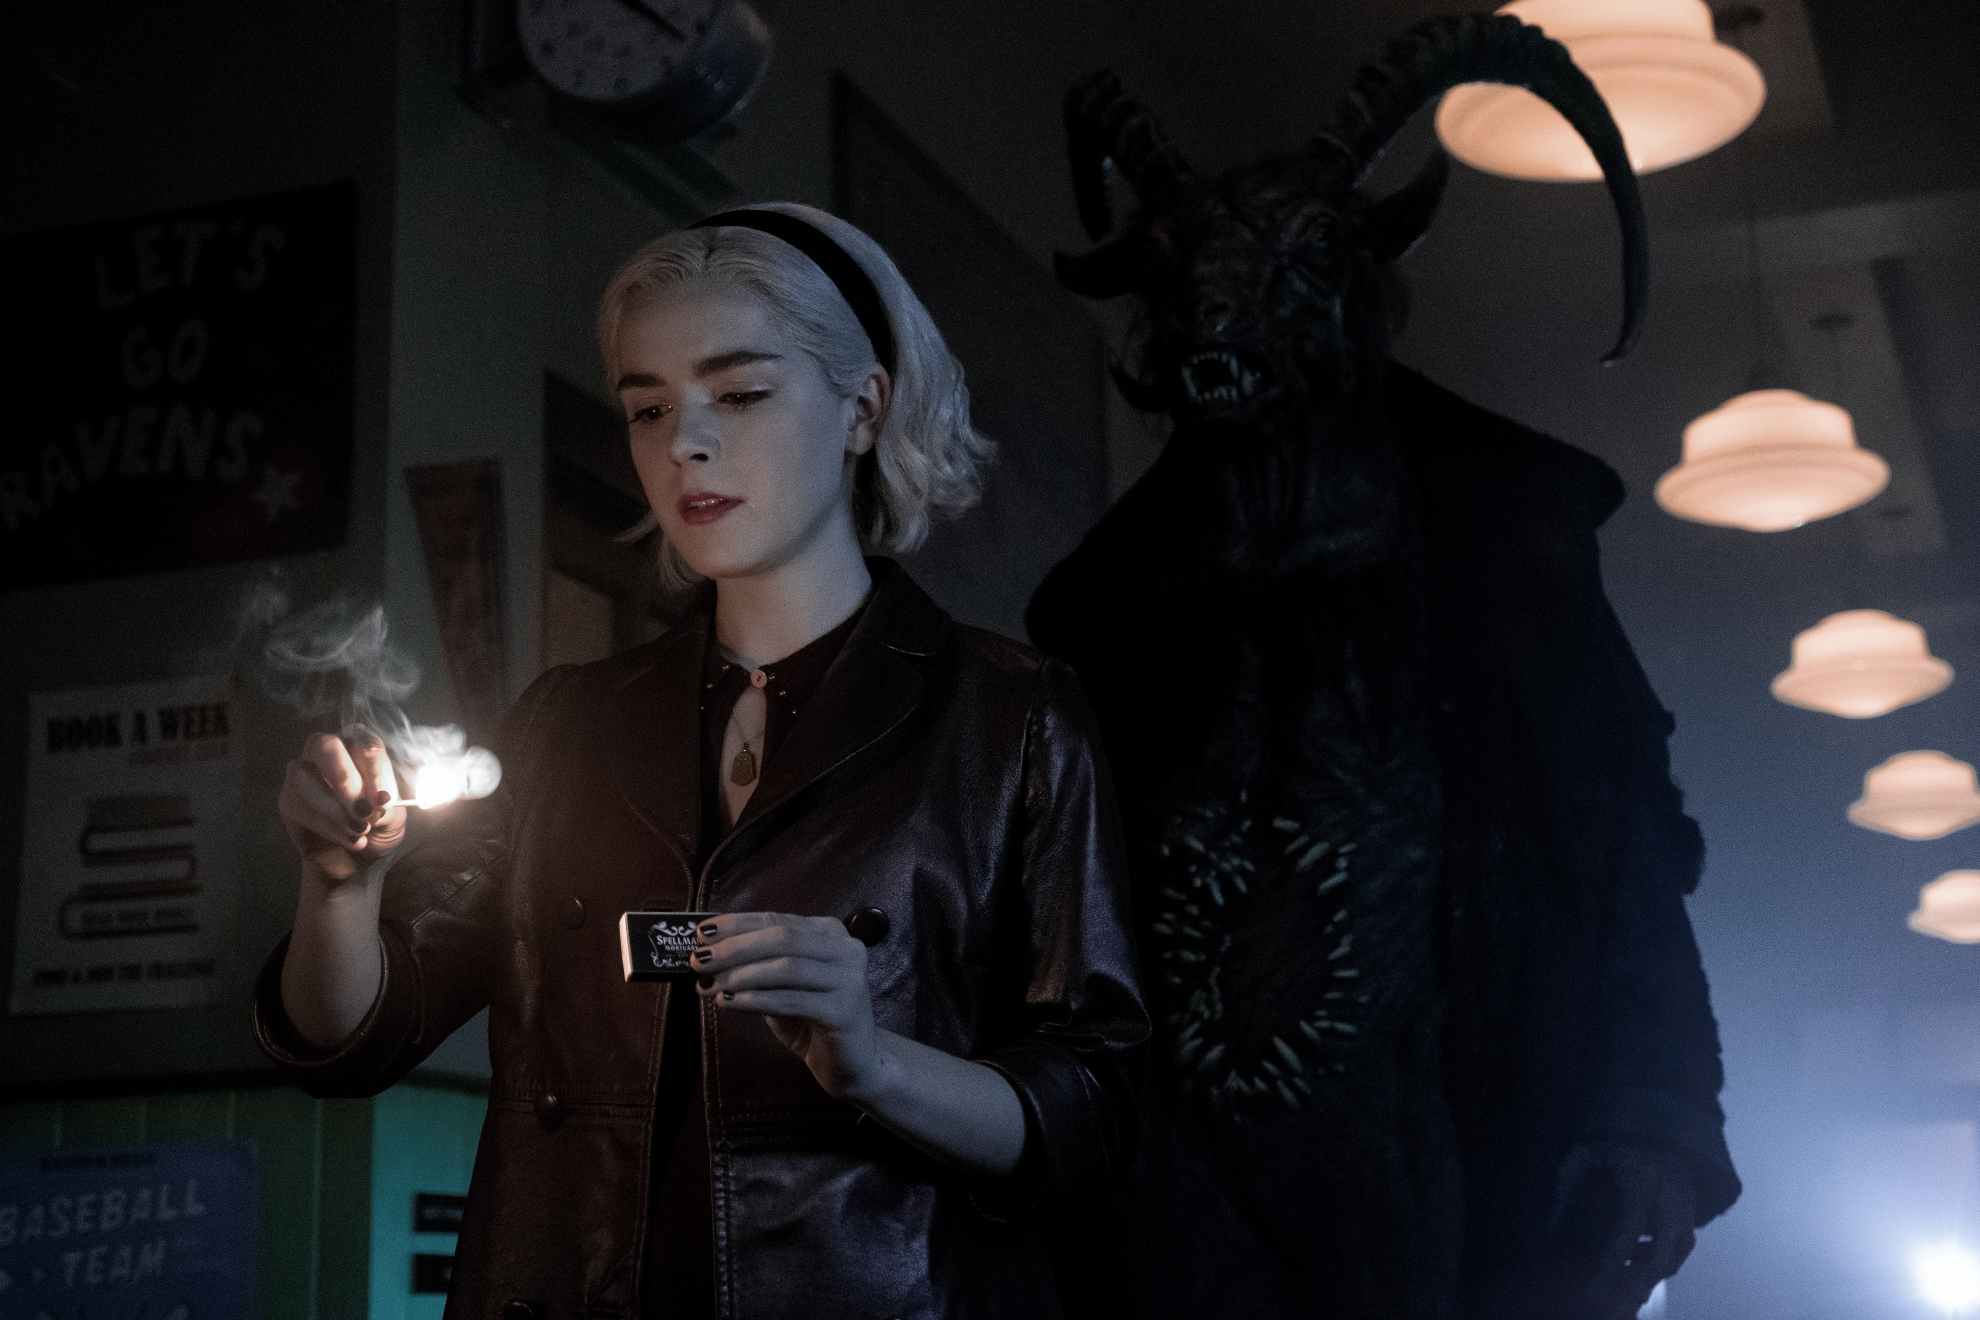 Le terrificanti avventure di Sabrina:  Kiernan Shipka in una scena della seconda stagione